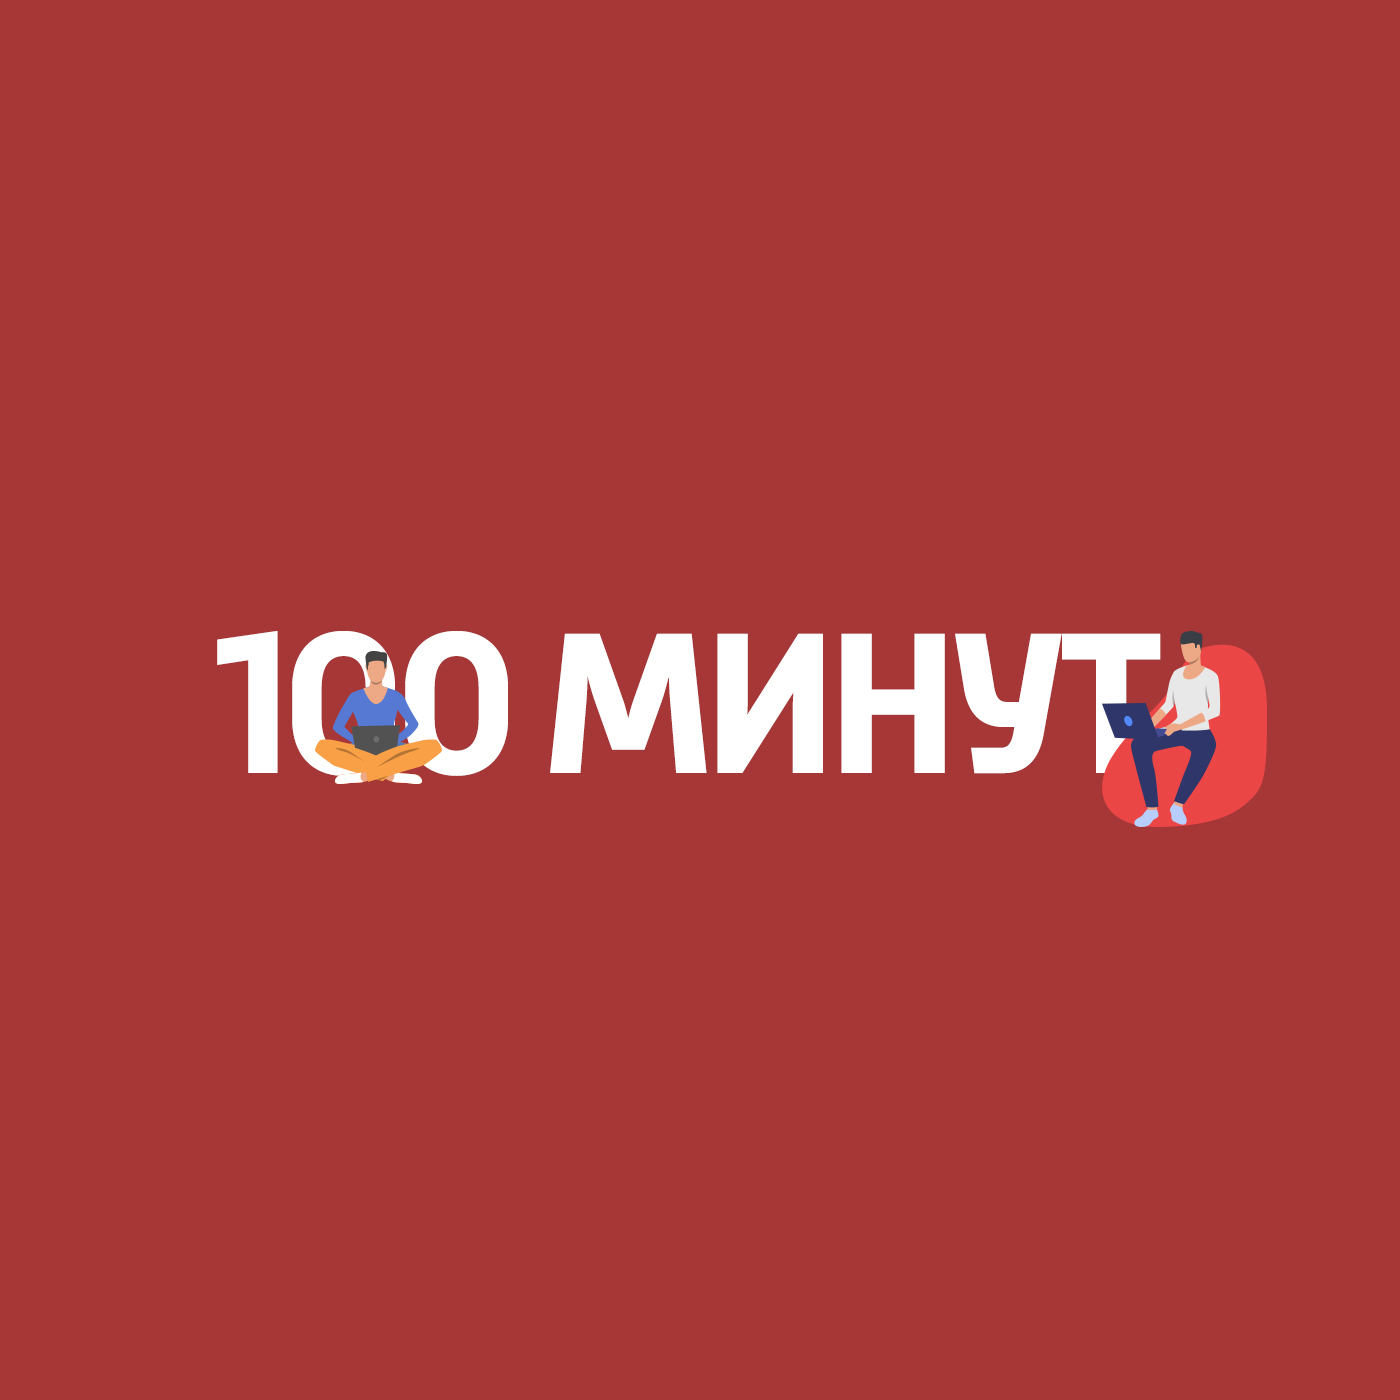 О необычных музеях России. Вулканариум, Веломузей, Мир говорящих машин, Огни Москвы, Музей мировой каллиграфии